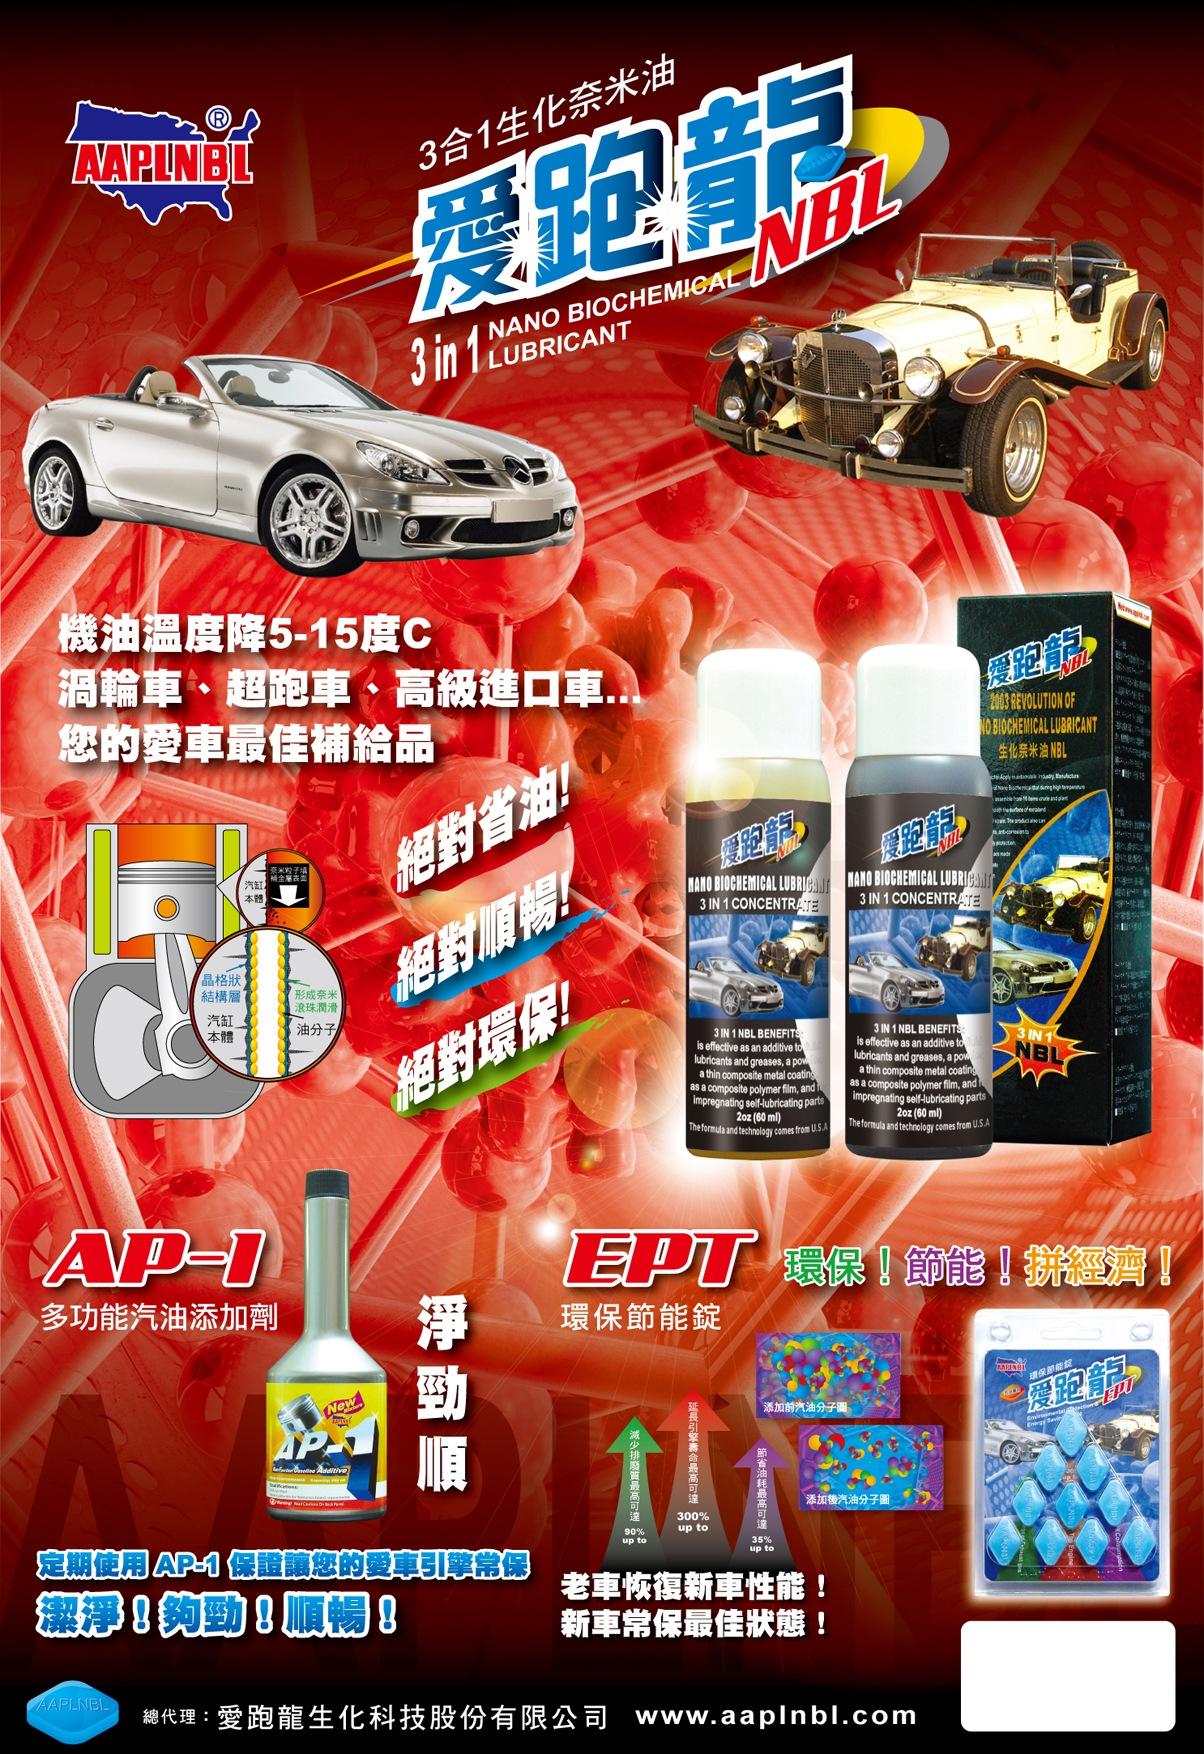 愛跑龍最具張力的添加劑汽油車綜合產品海報